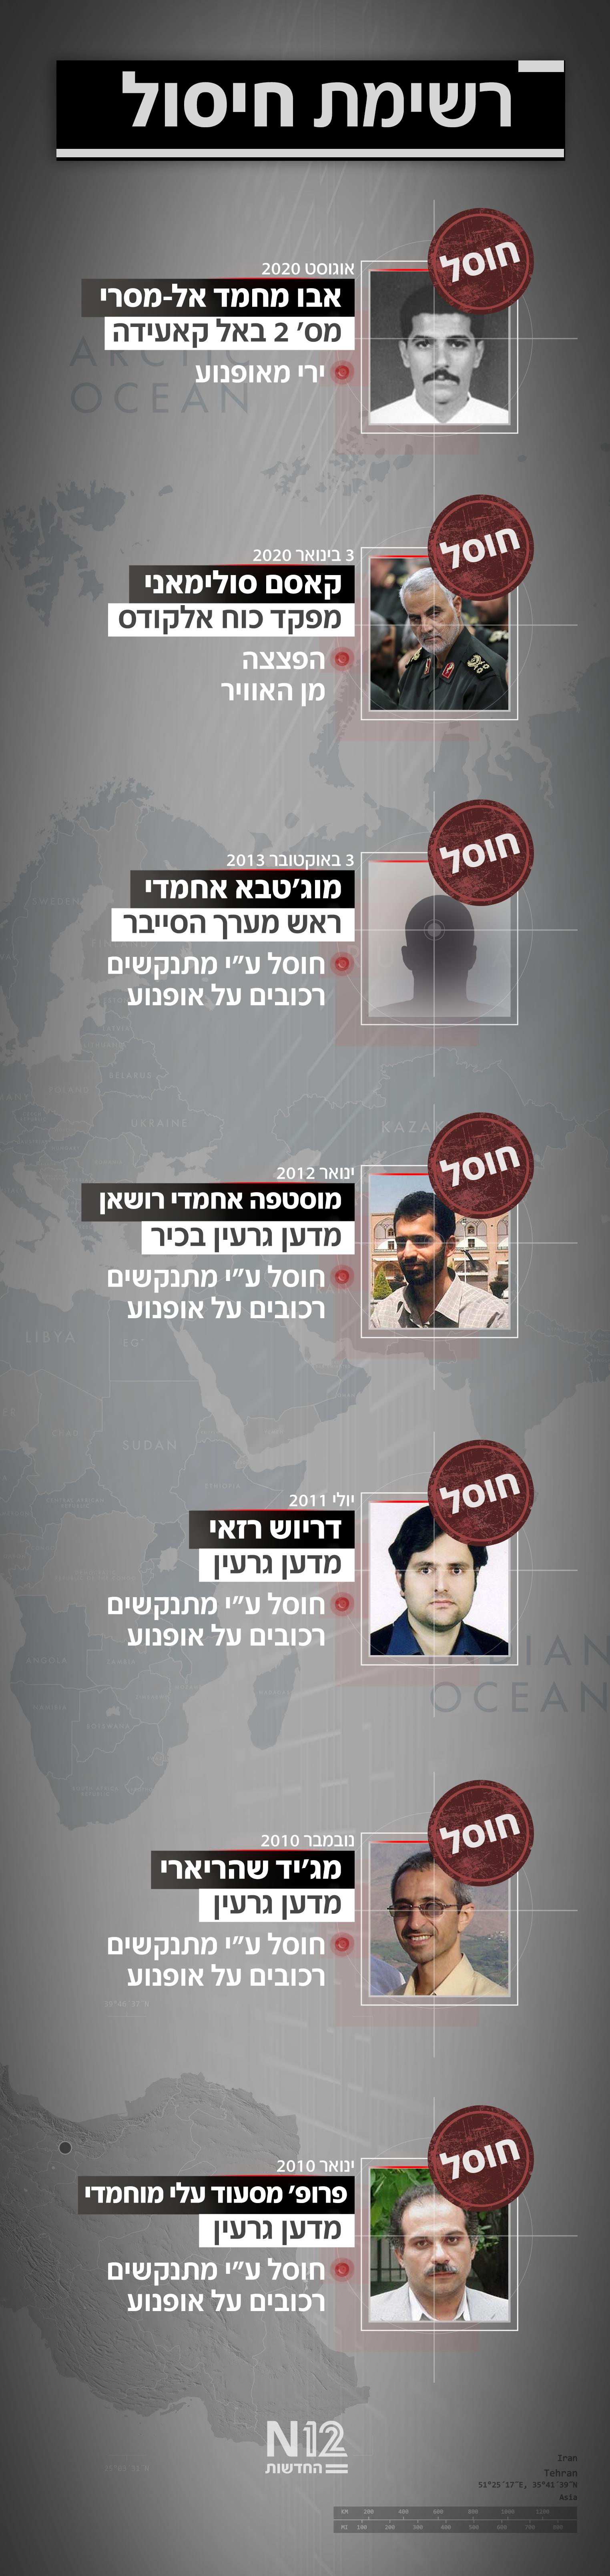 לישראל יש יכולת להשמיד את הכורים הגרעינים באיראן לבד ללא צורך באף מדינה אחרת Killlist